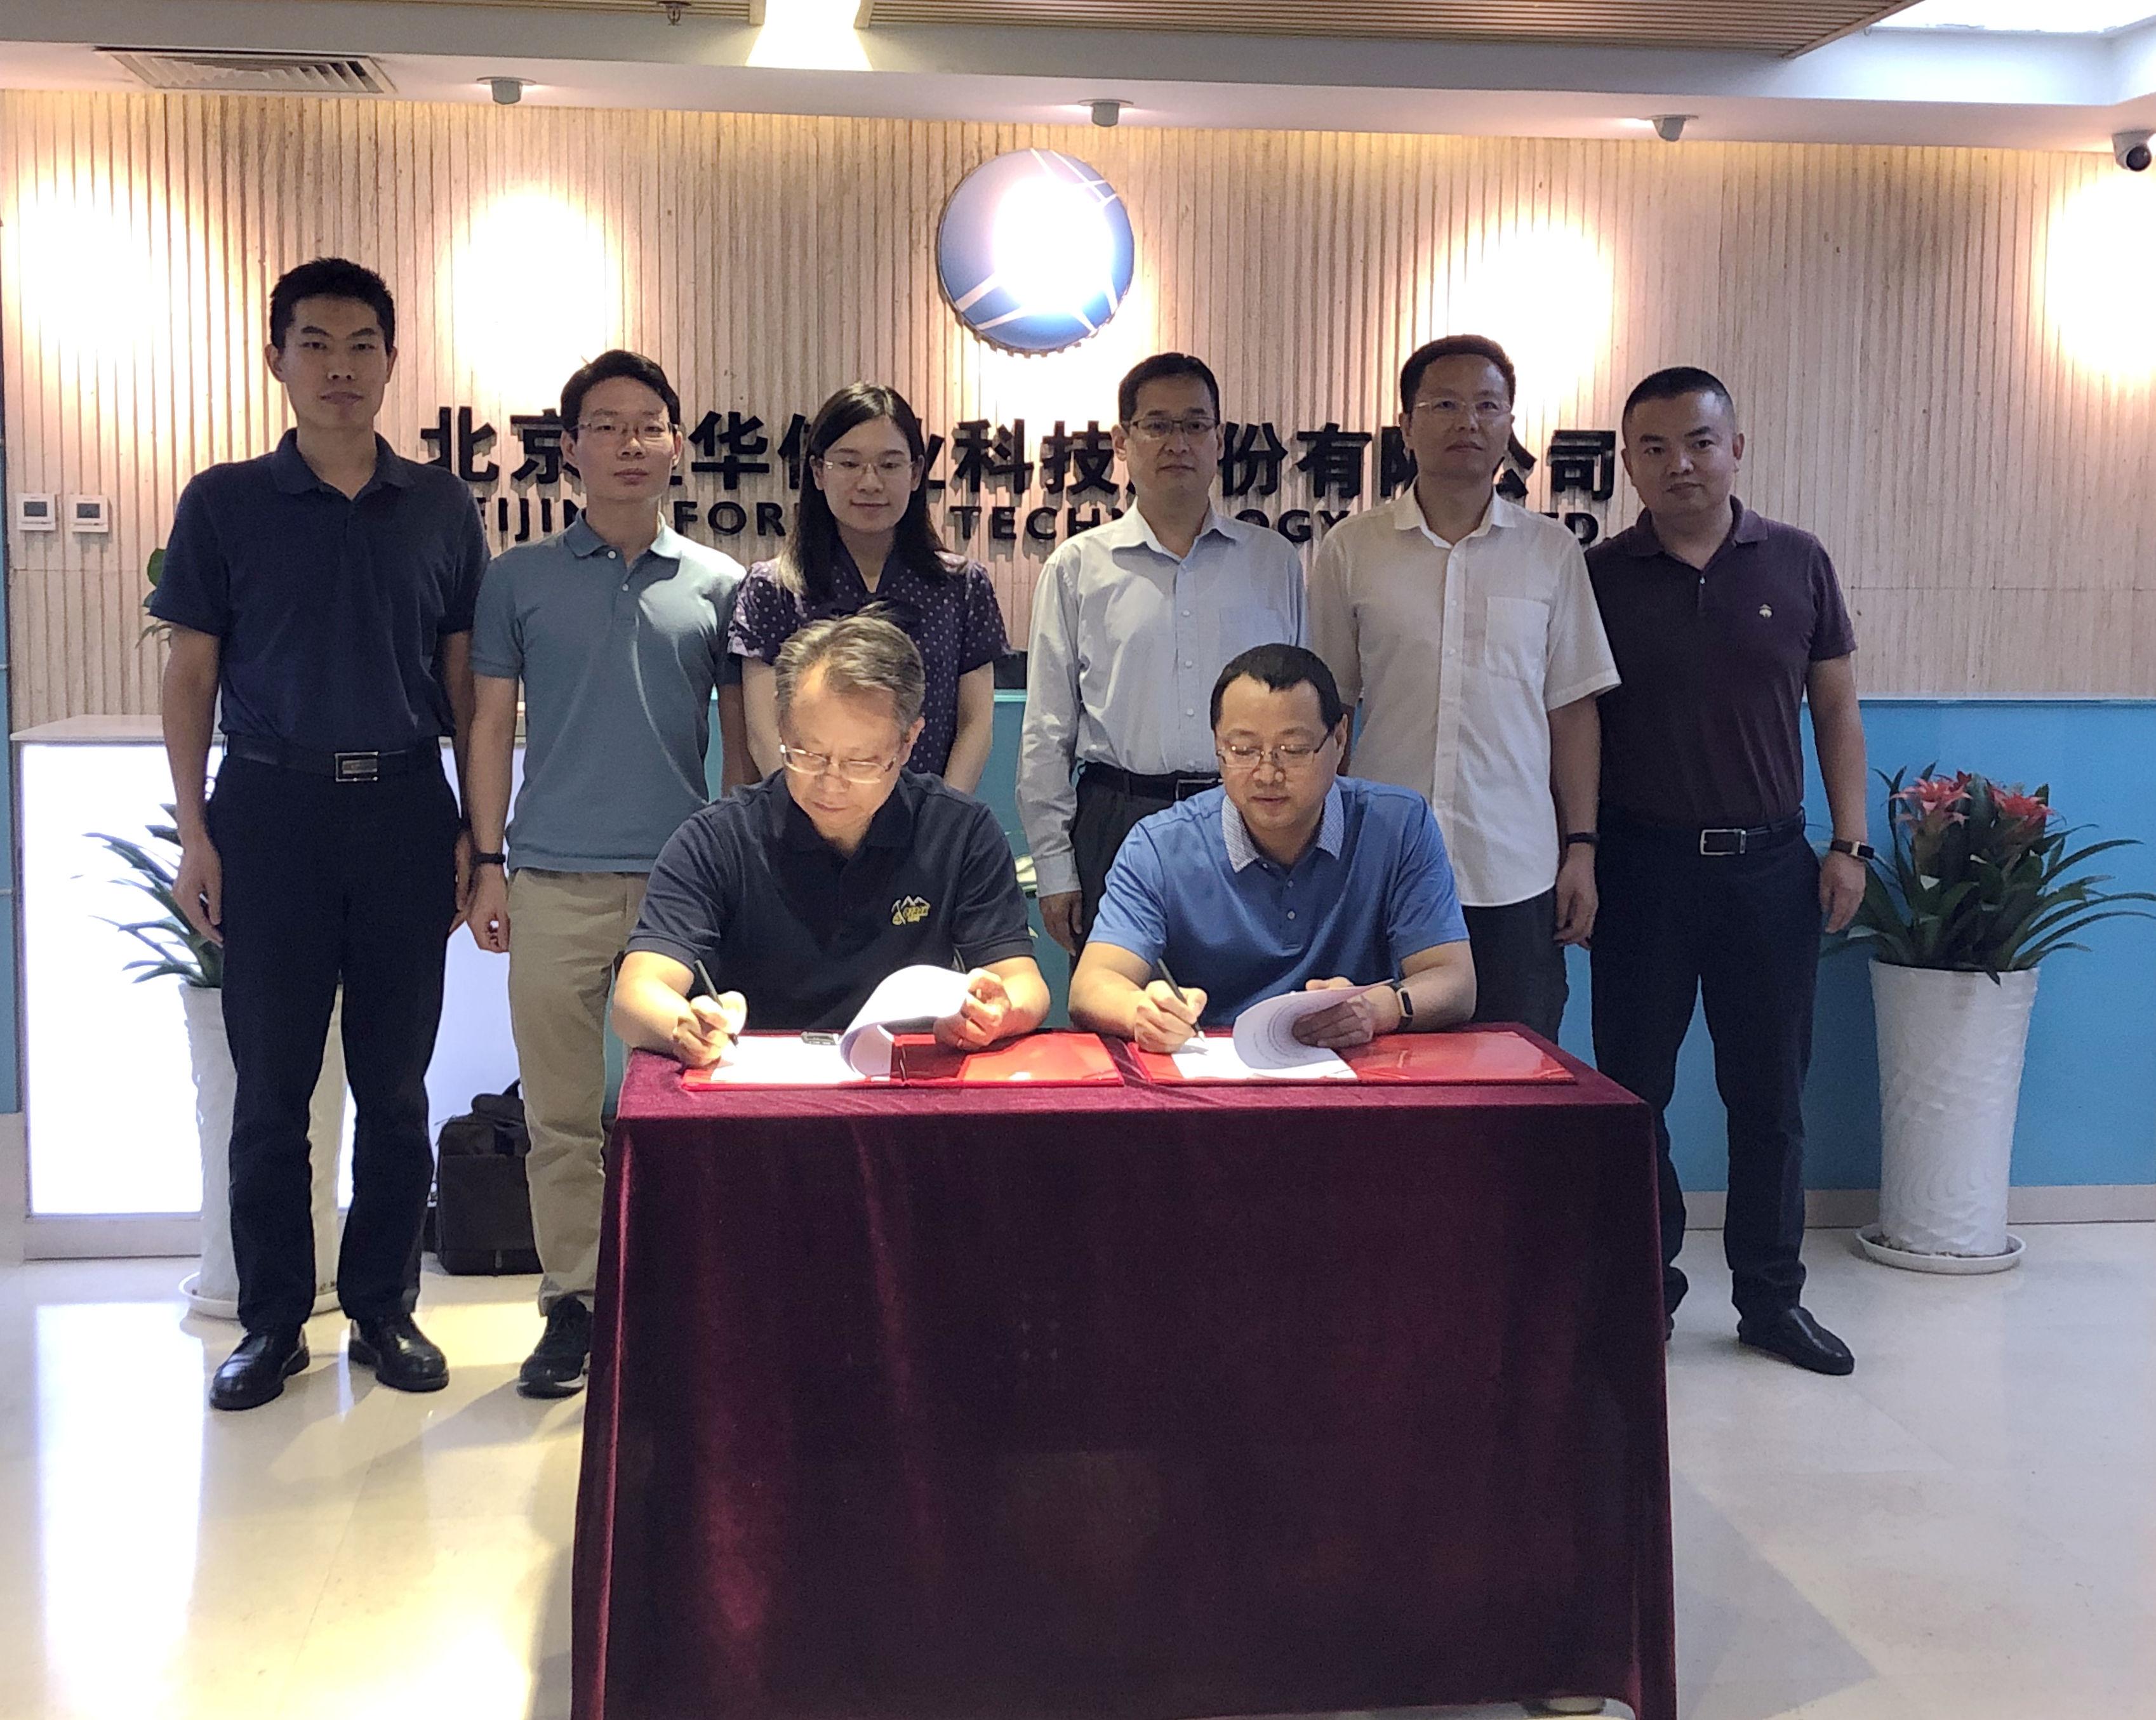 大发888黄金版_大发黄金版app客户端与冀北综合能源公司签署战略合作协议